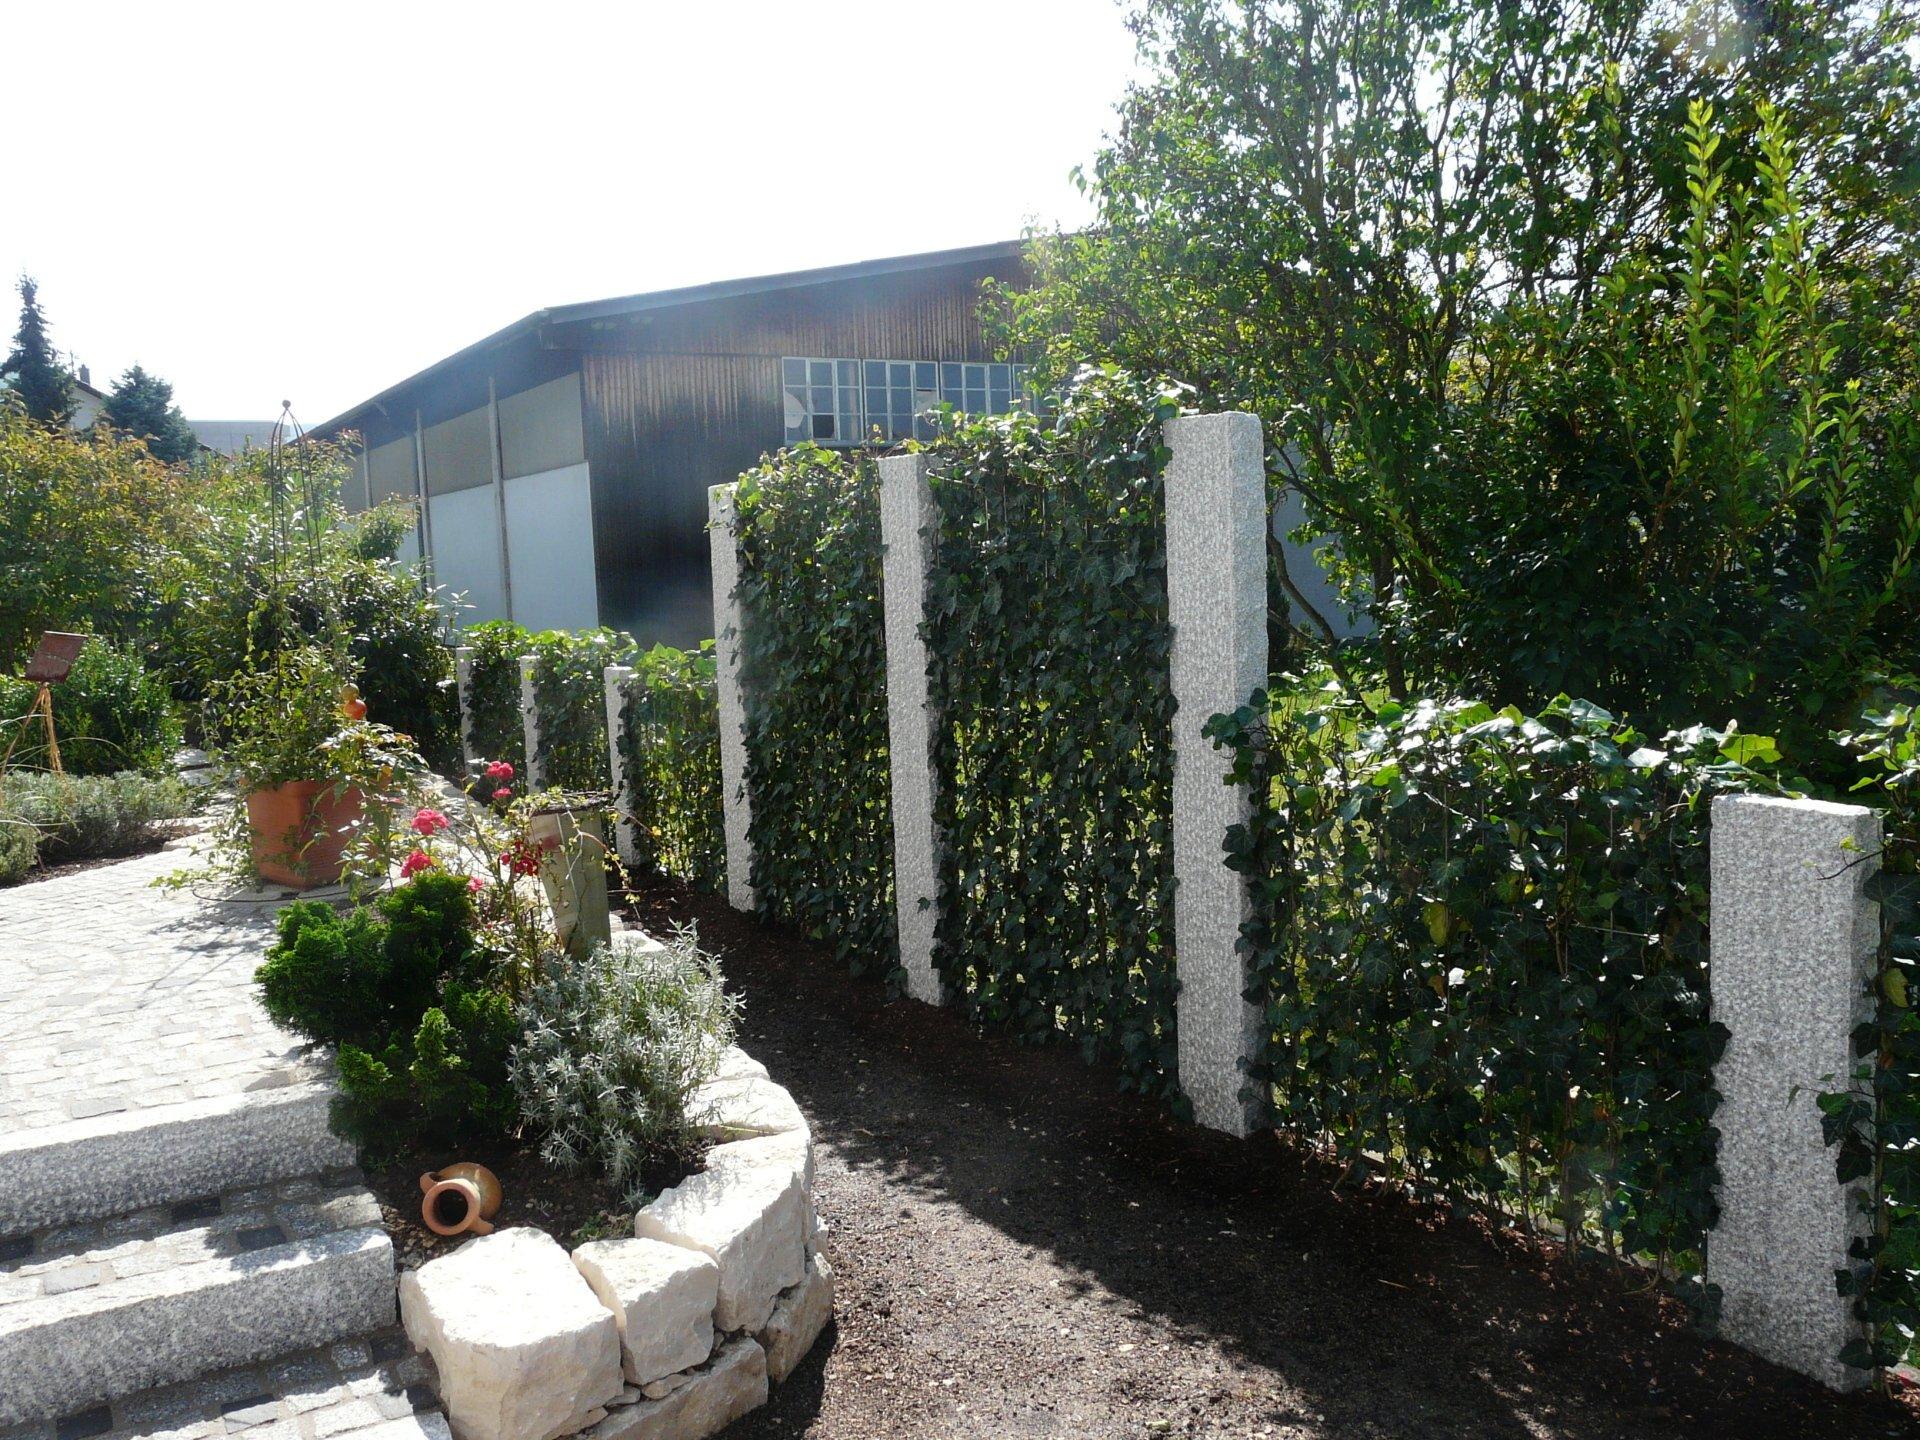 Kreative Gartengestaltung Adamo Ienco Mossingen